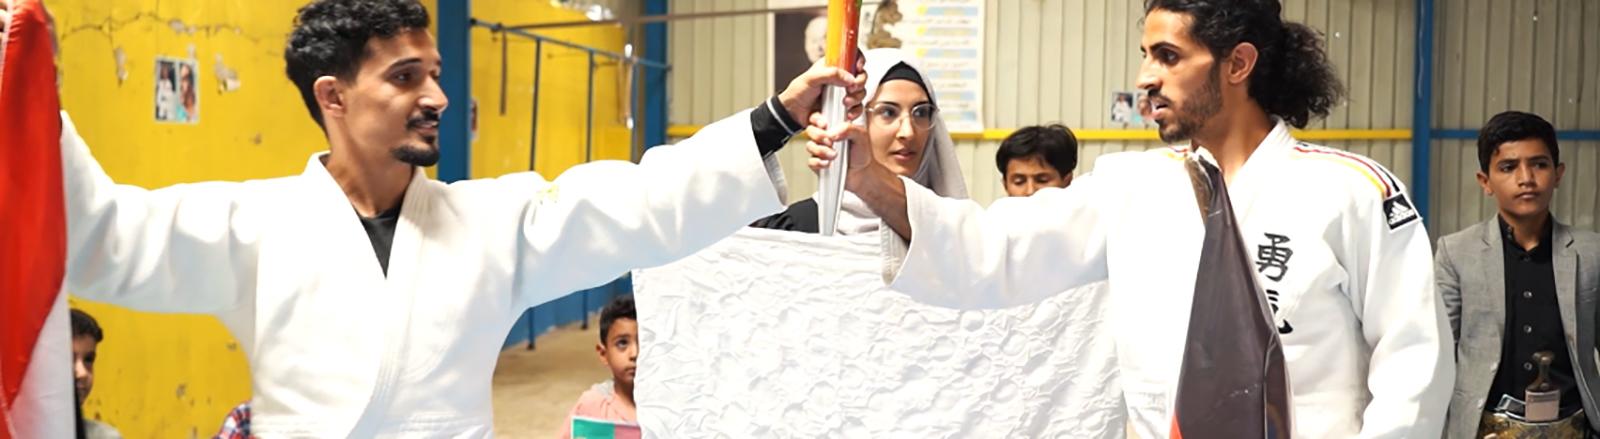 Der Judoka Shugga Nashwan steht neben seinem jementischen Judoka-Kollegen; sie halten gemeinsam eine olympische Fackel.